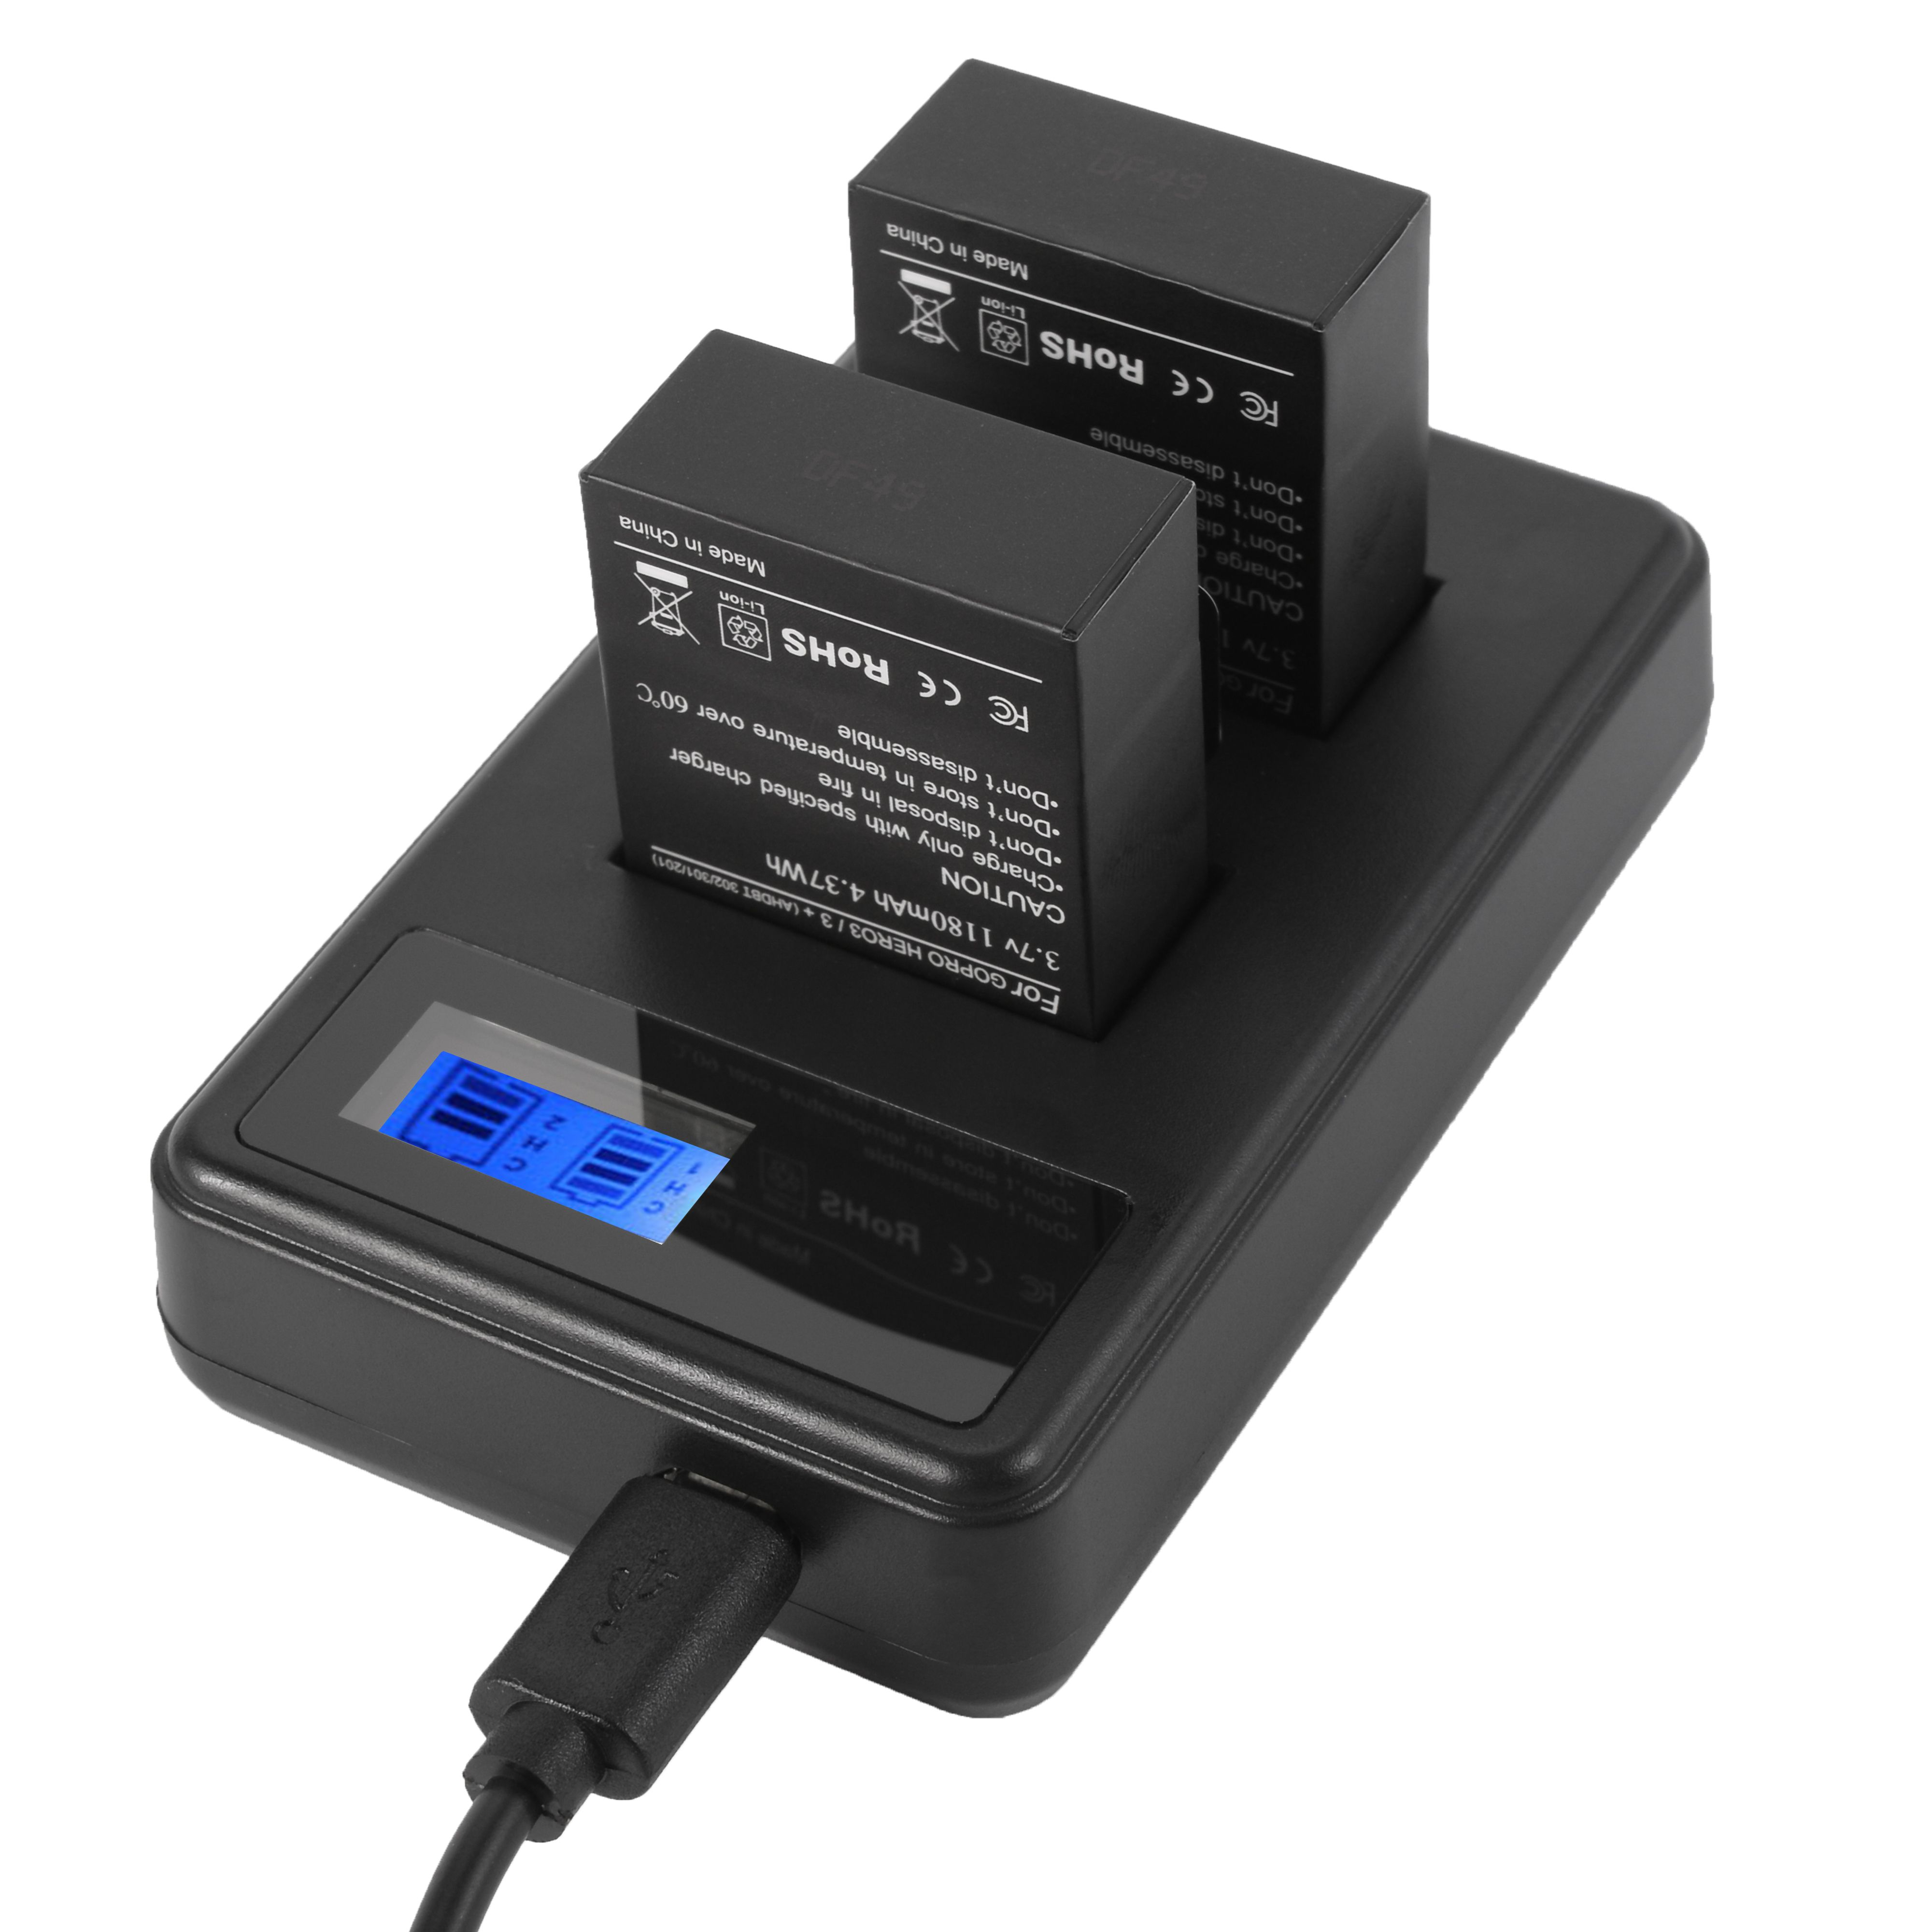 302 301 AHDBT 201 AHDBT Caméra Batterie Batterie 1180 mAh Pour GoPro Hero 3 III AHDBT